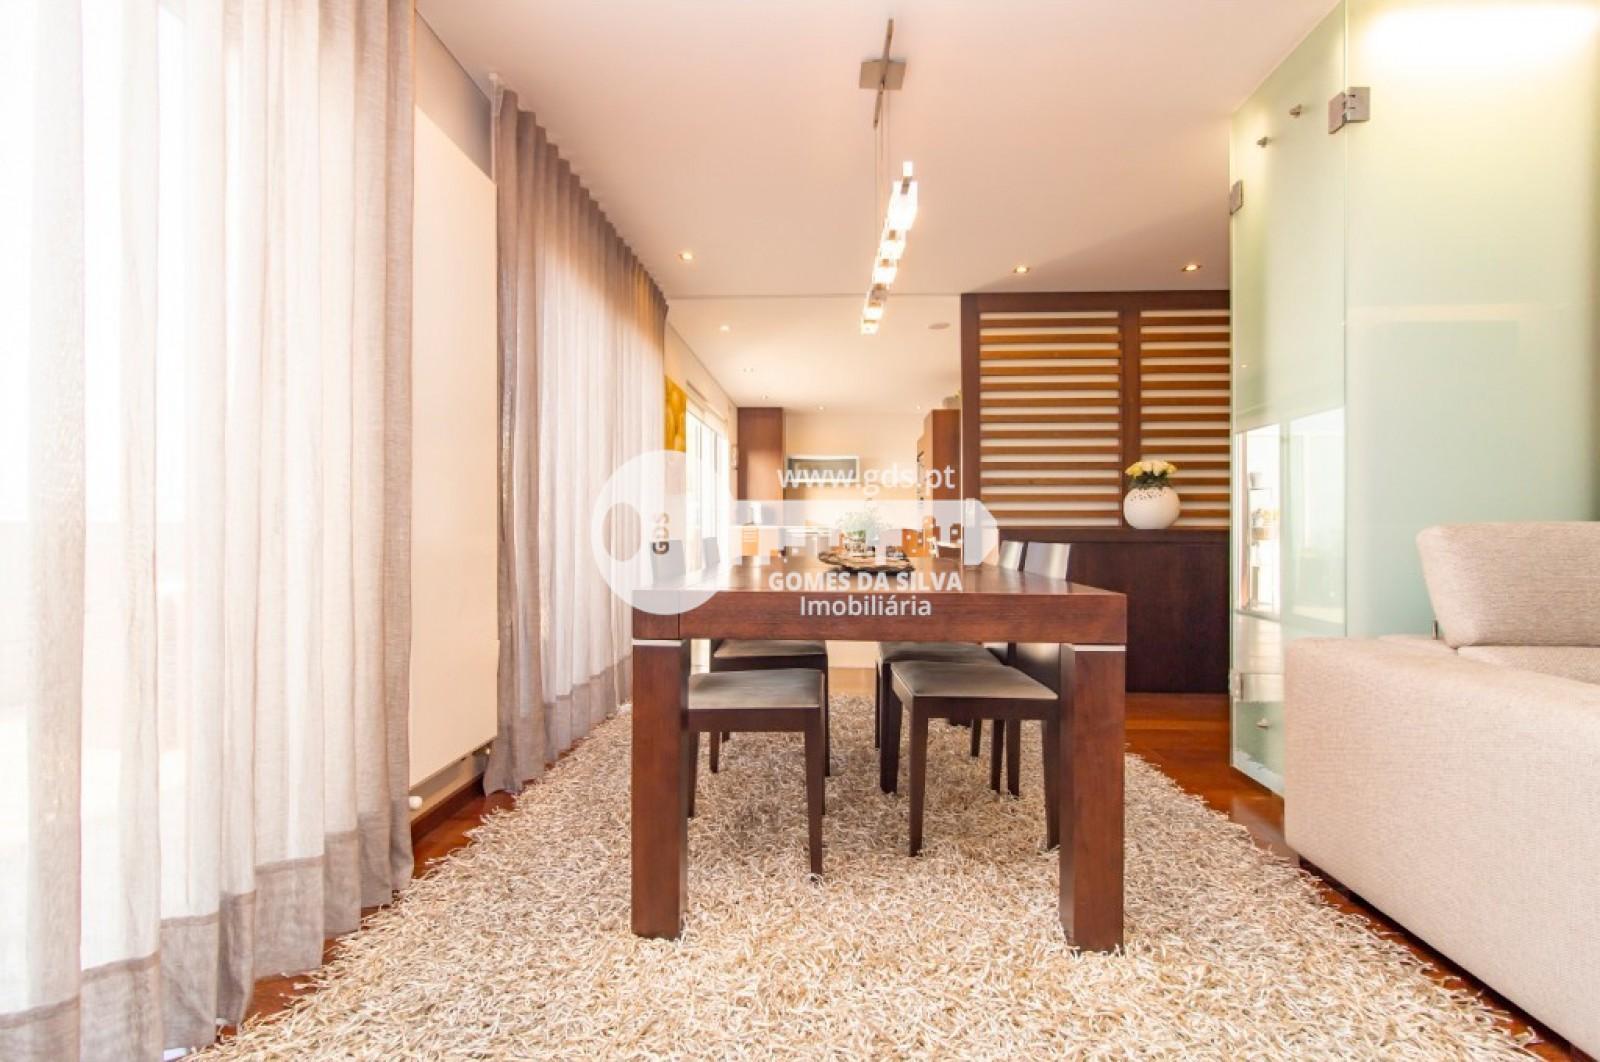 Apartamento T3 para Venda em Nogueira, Fraião e Lamaçães, Braga, Braga - Imagem 17